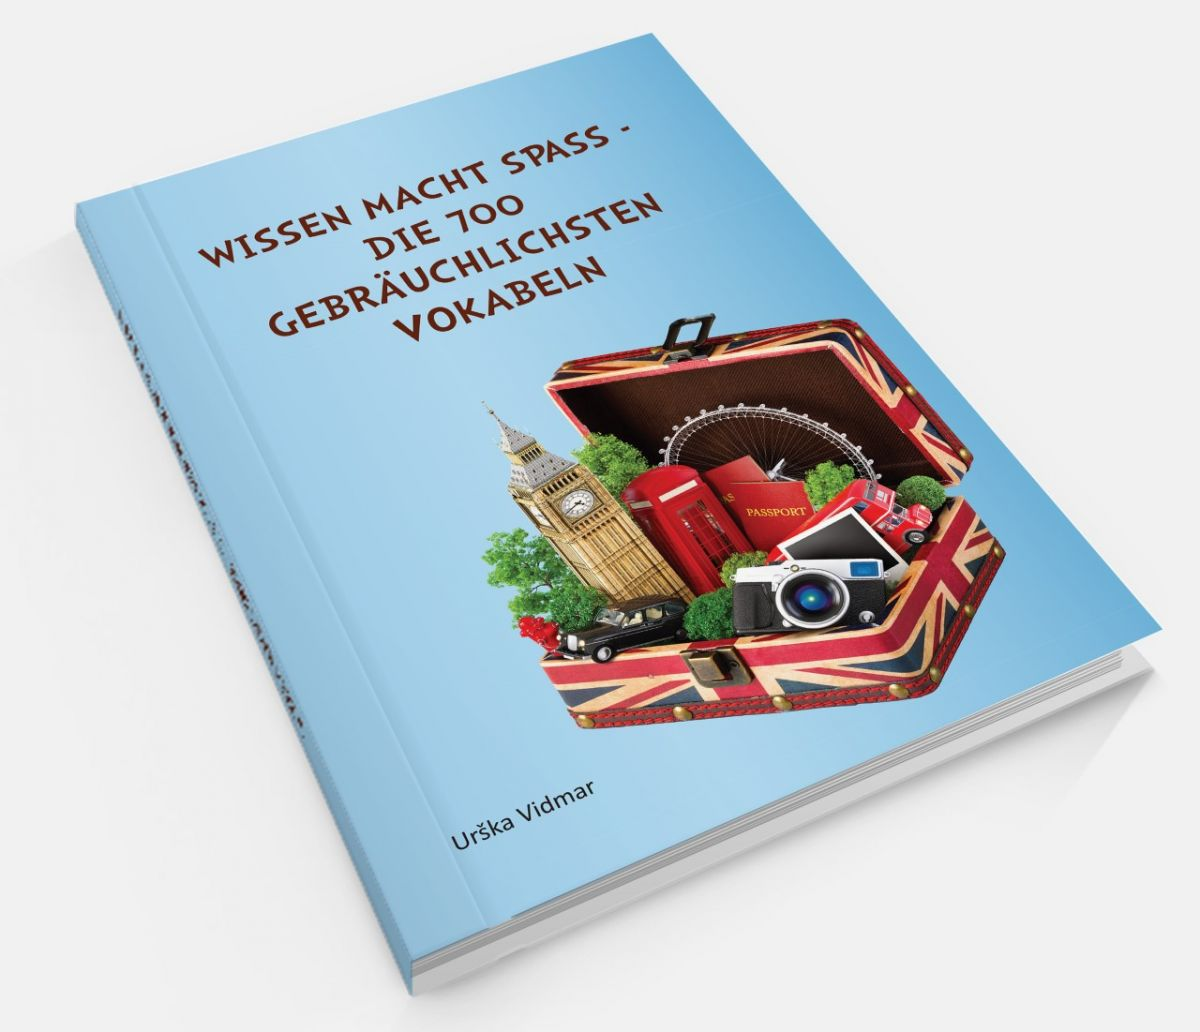 Gutes Buch Zum Englisch Lernen Wissen Macht Spass Englisch Lernen